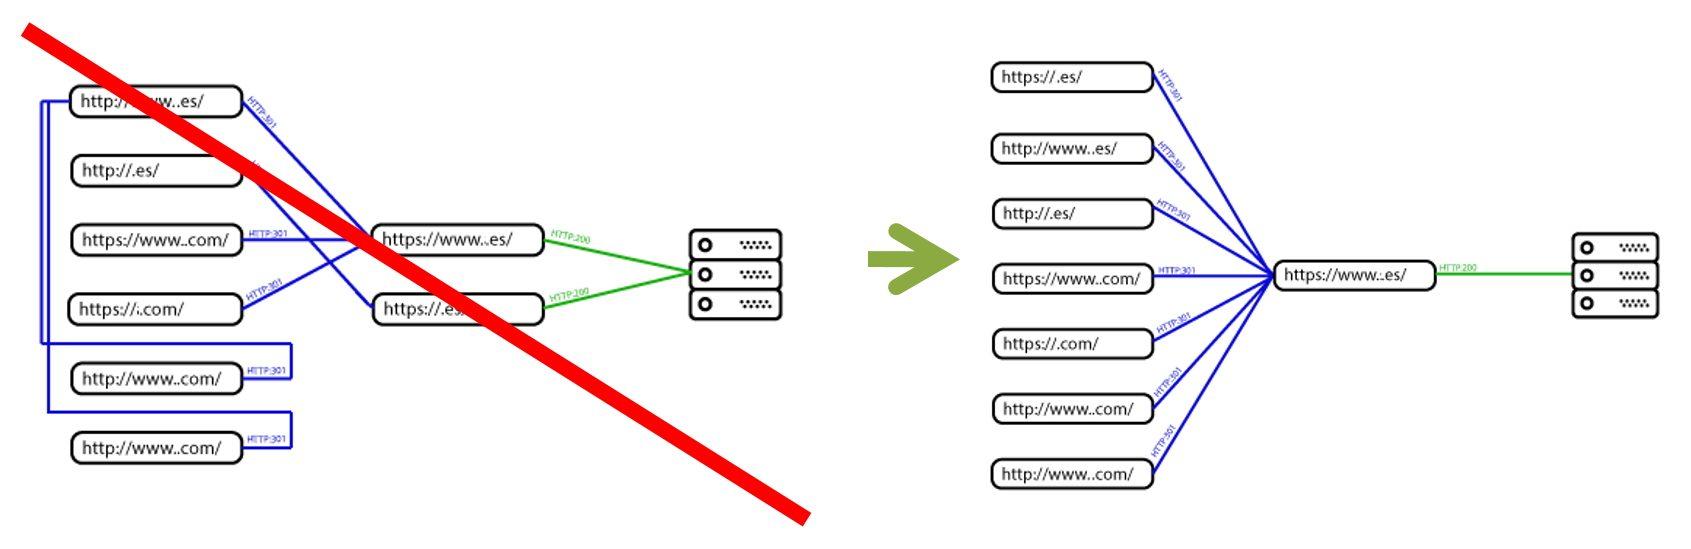 Redirecciones 301 entre dominios